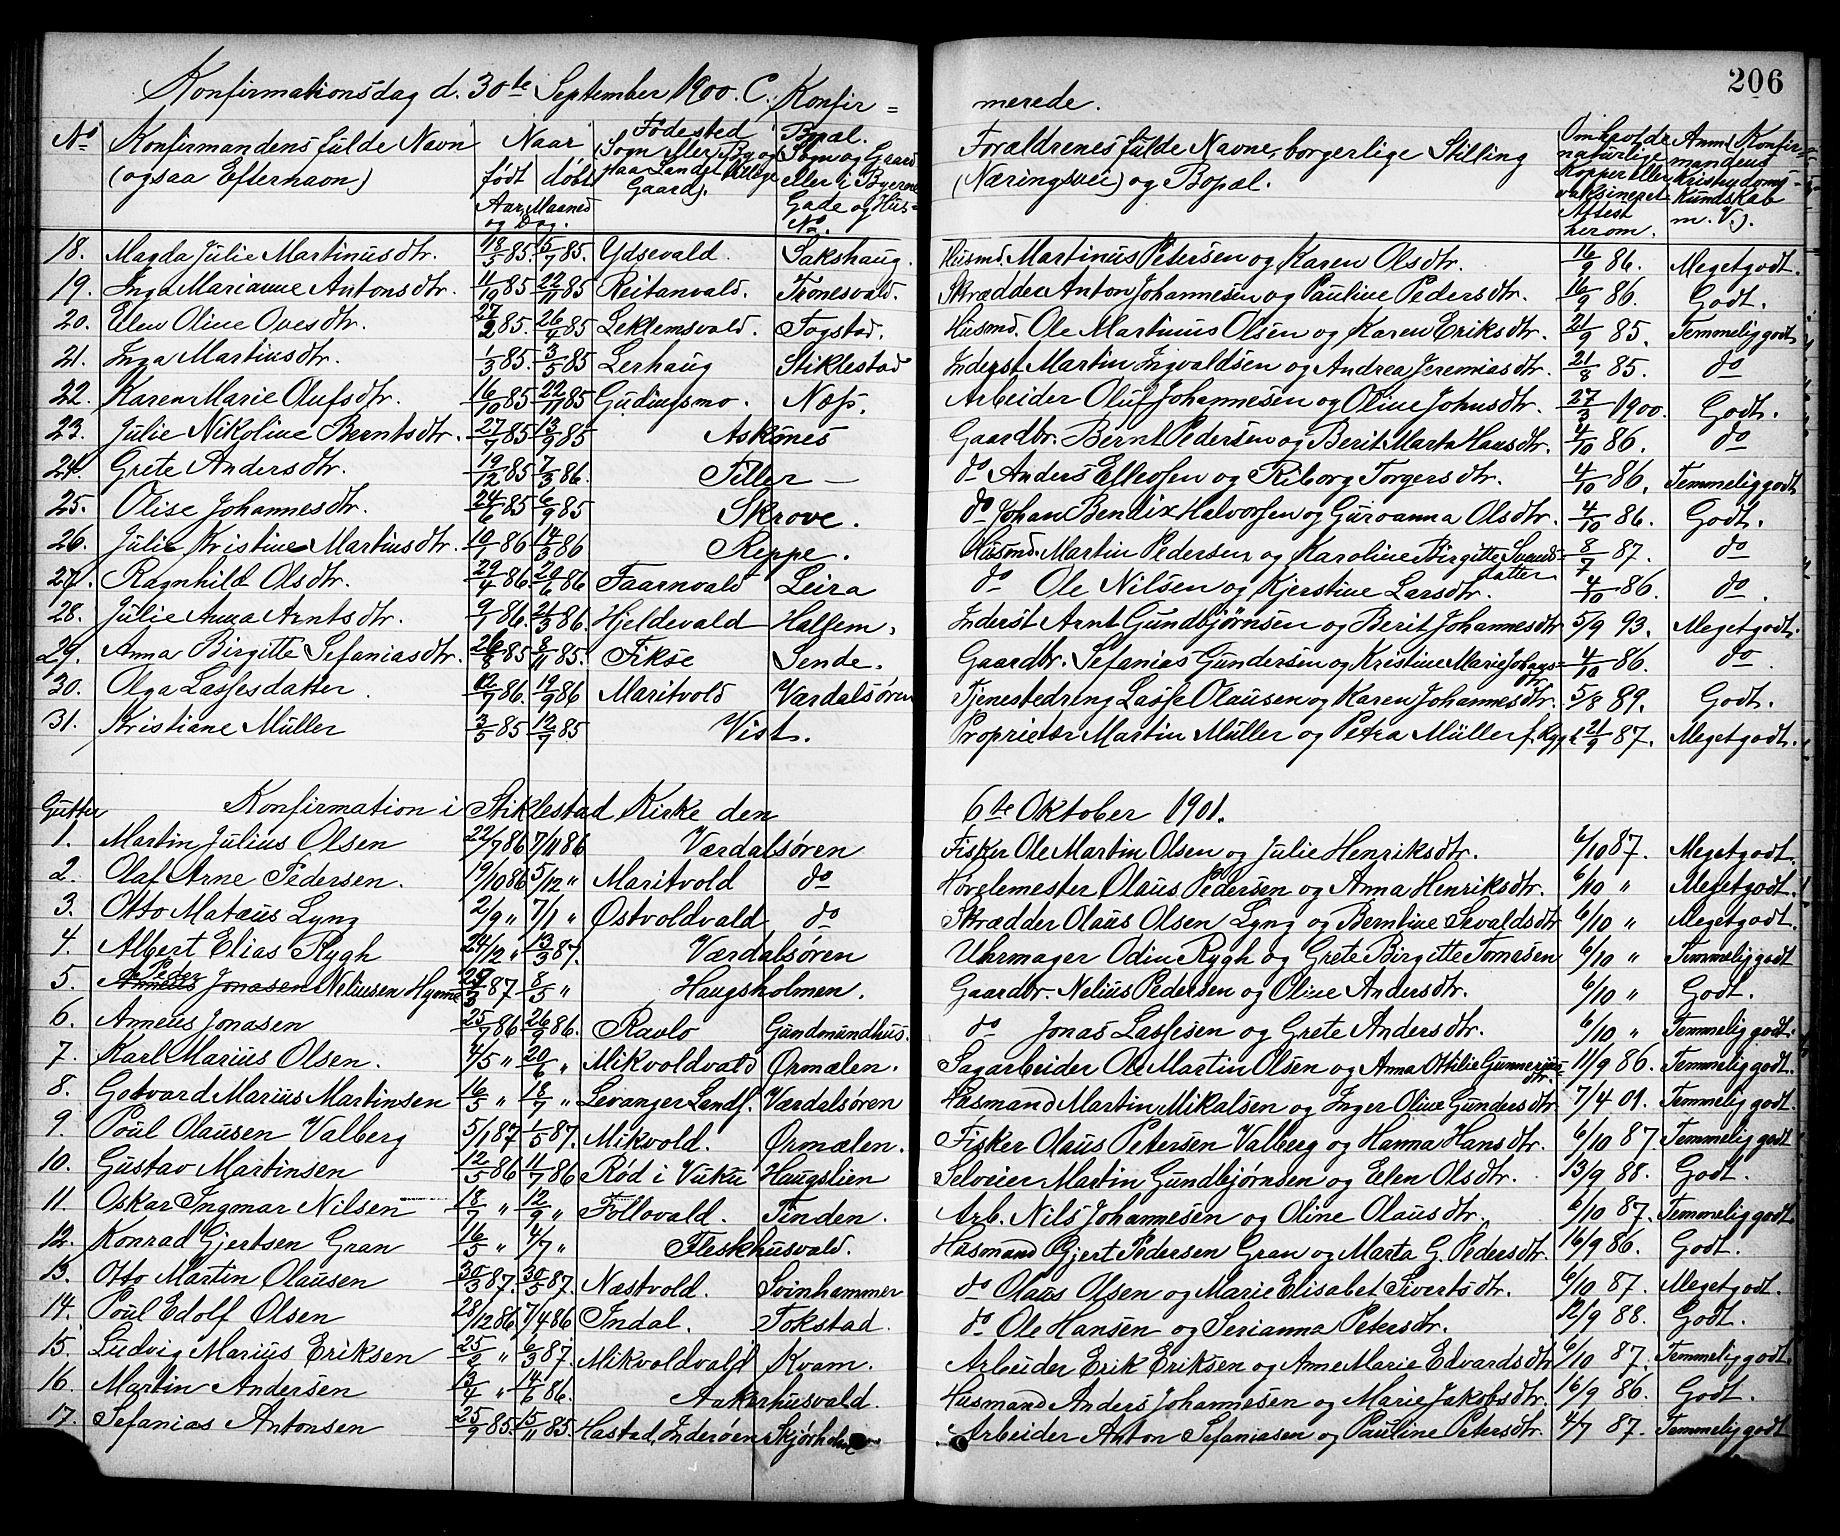 SAT, Ministerialprotokoller, klokkerbøker og fødselsregistre - Nord-Trøndelag, 723/L0257: Klokkerbok nr. 723C05, 1890-1907, s. 206